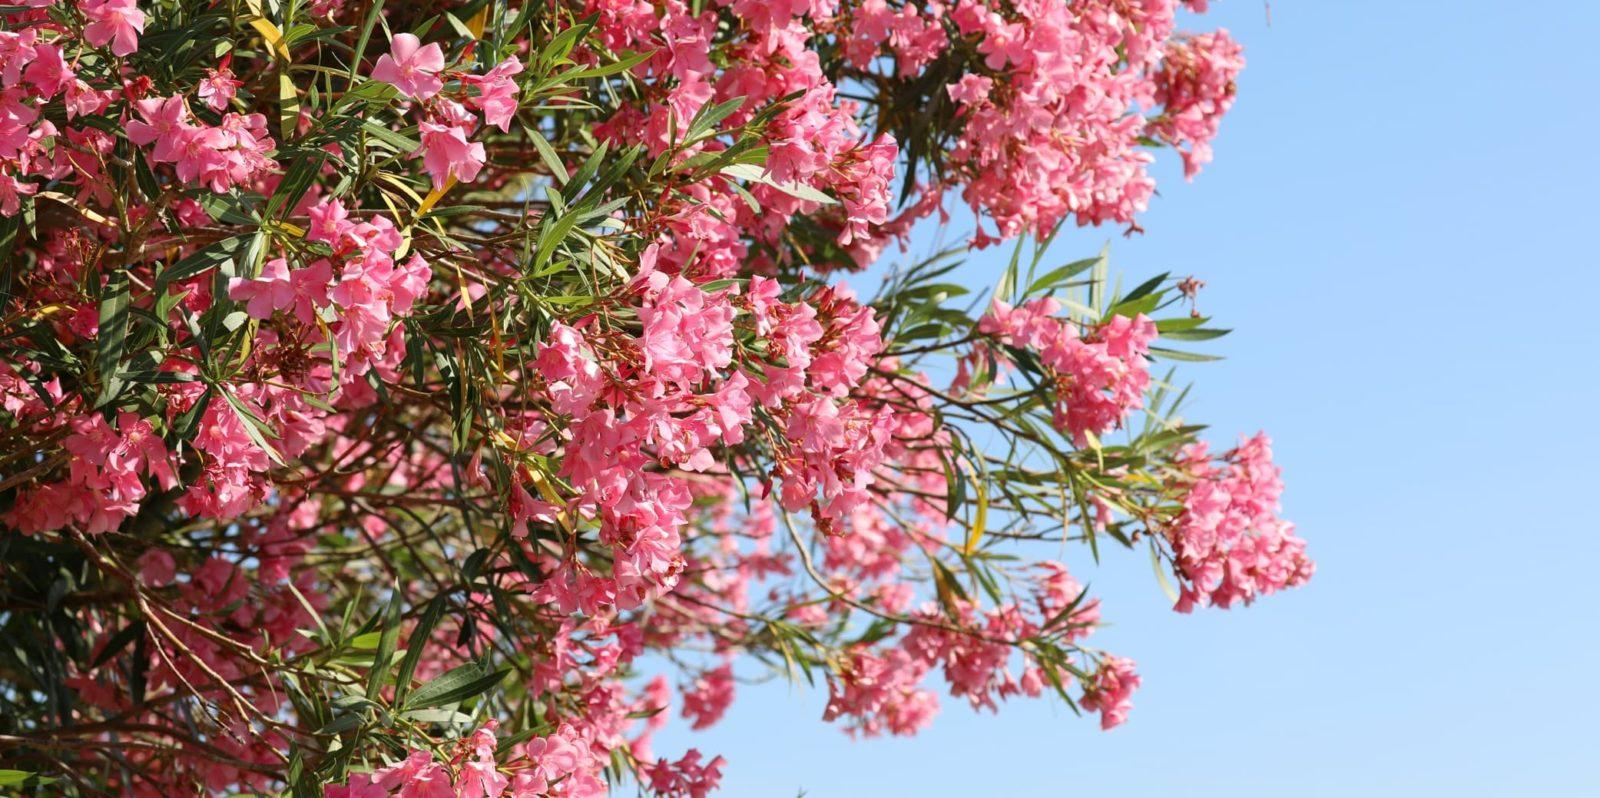 huge flowering oleander plant with pink blooms